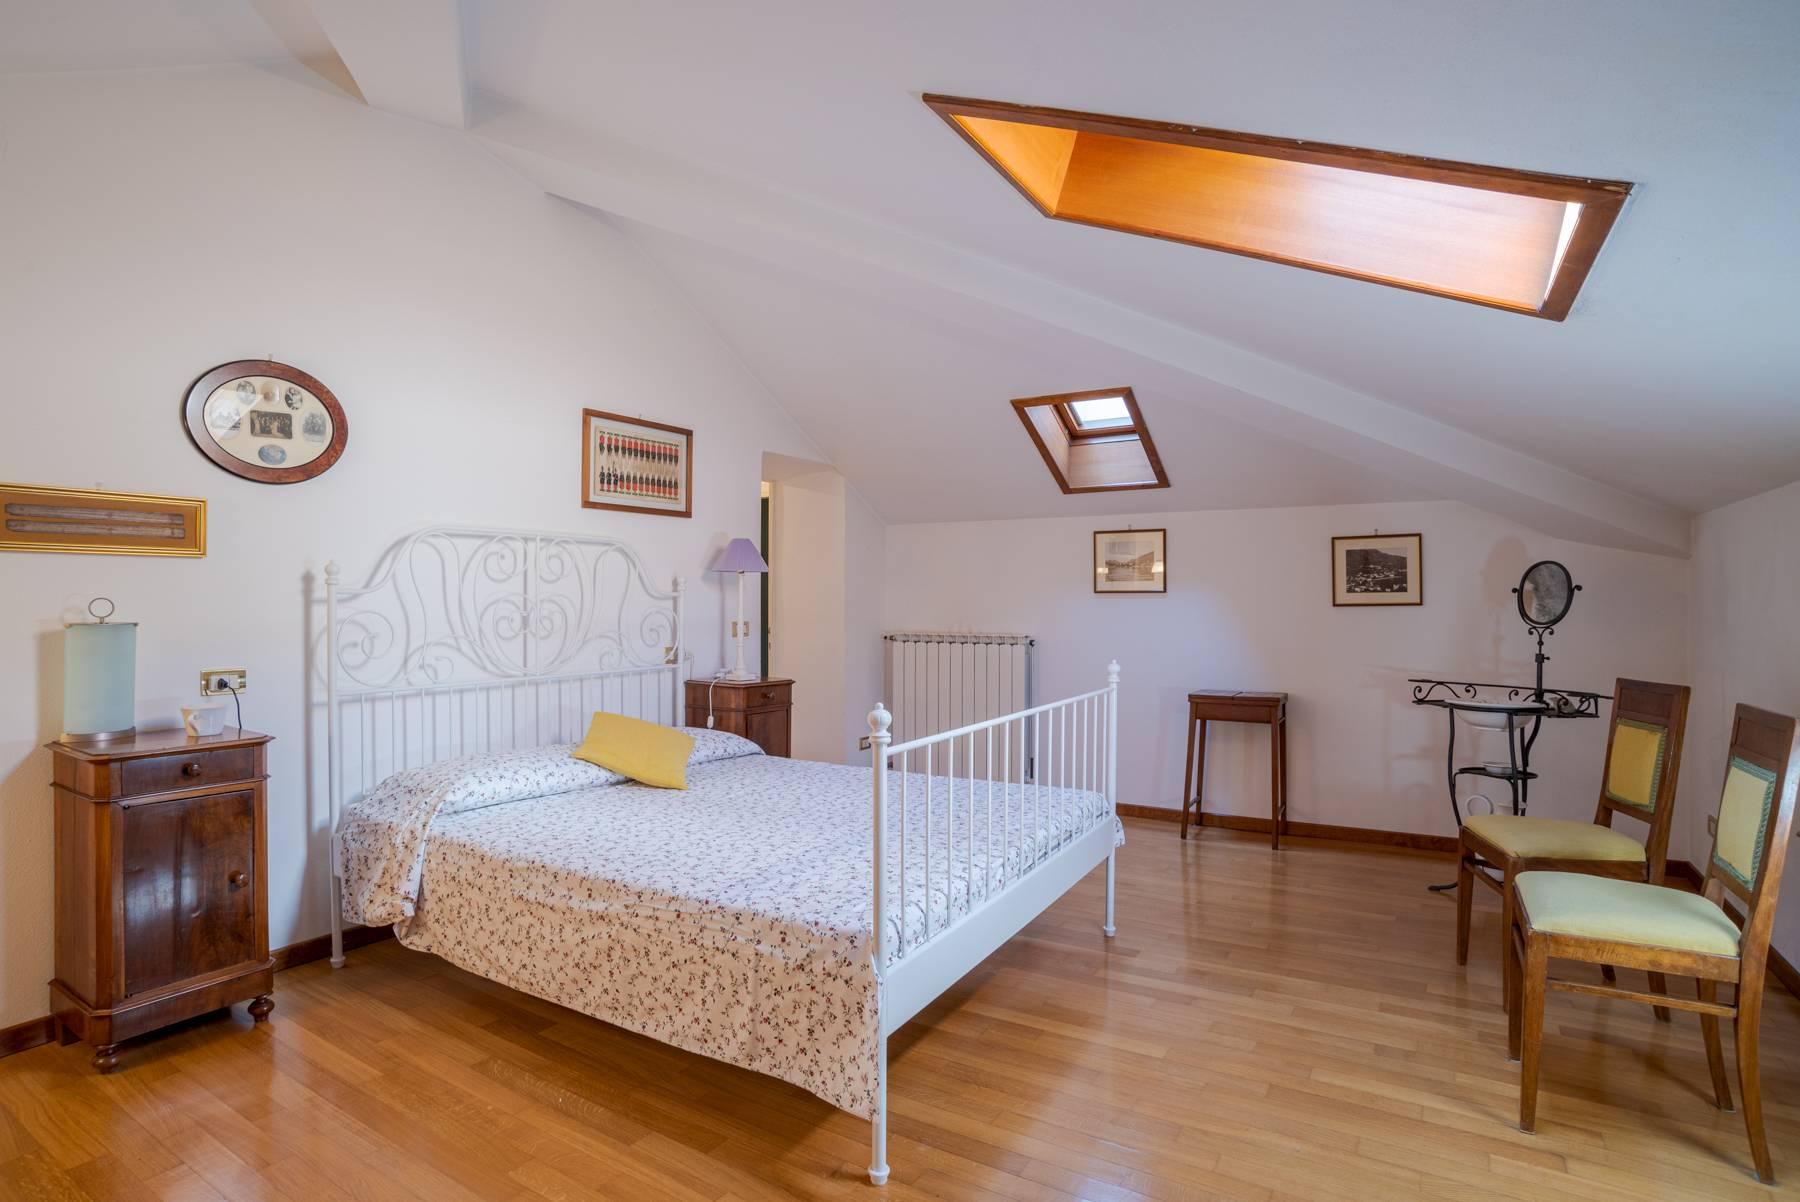 Villa in Vendita a Tremezzina: 5 locali, 650 mq - Foto 24